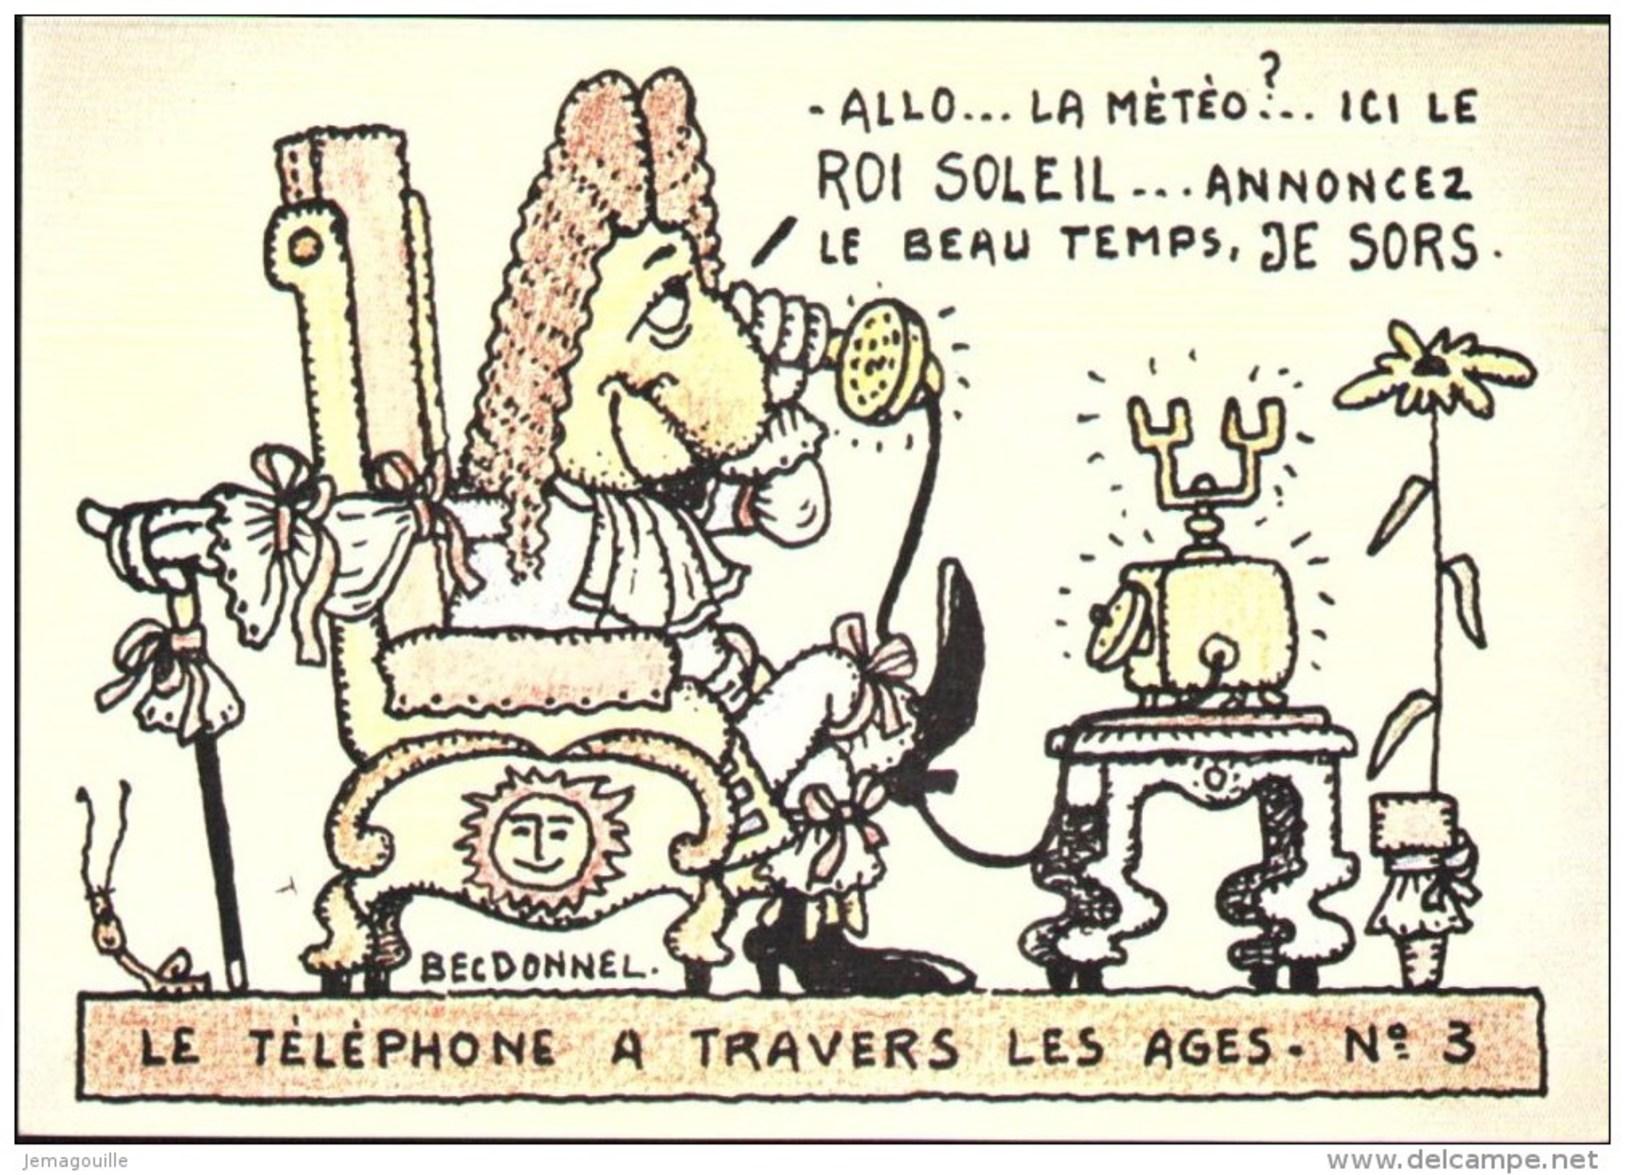 HUMORISTIQUES - Collection 128:3 - Le Téléphone à Travers Les âges - BECDONNEL - W-20 - Humour